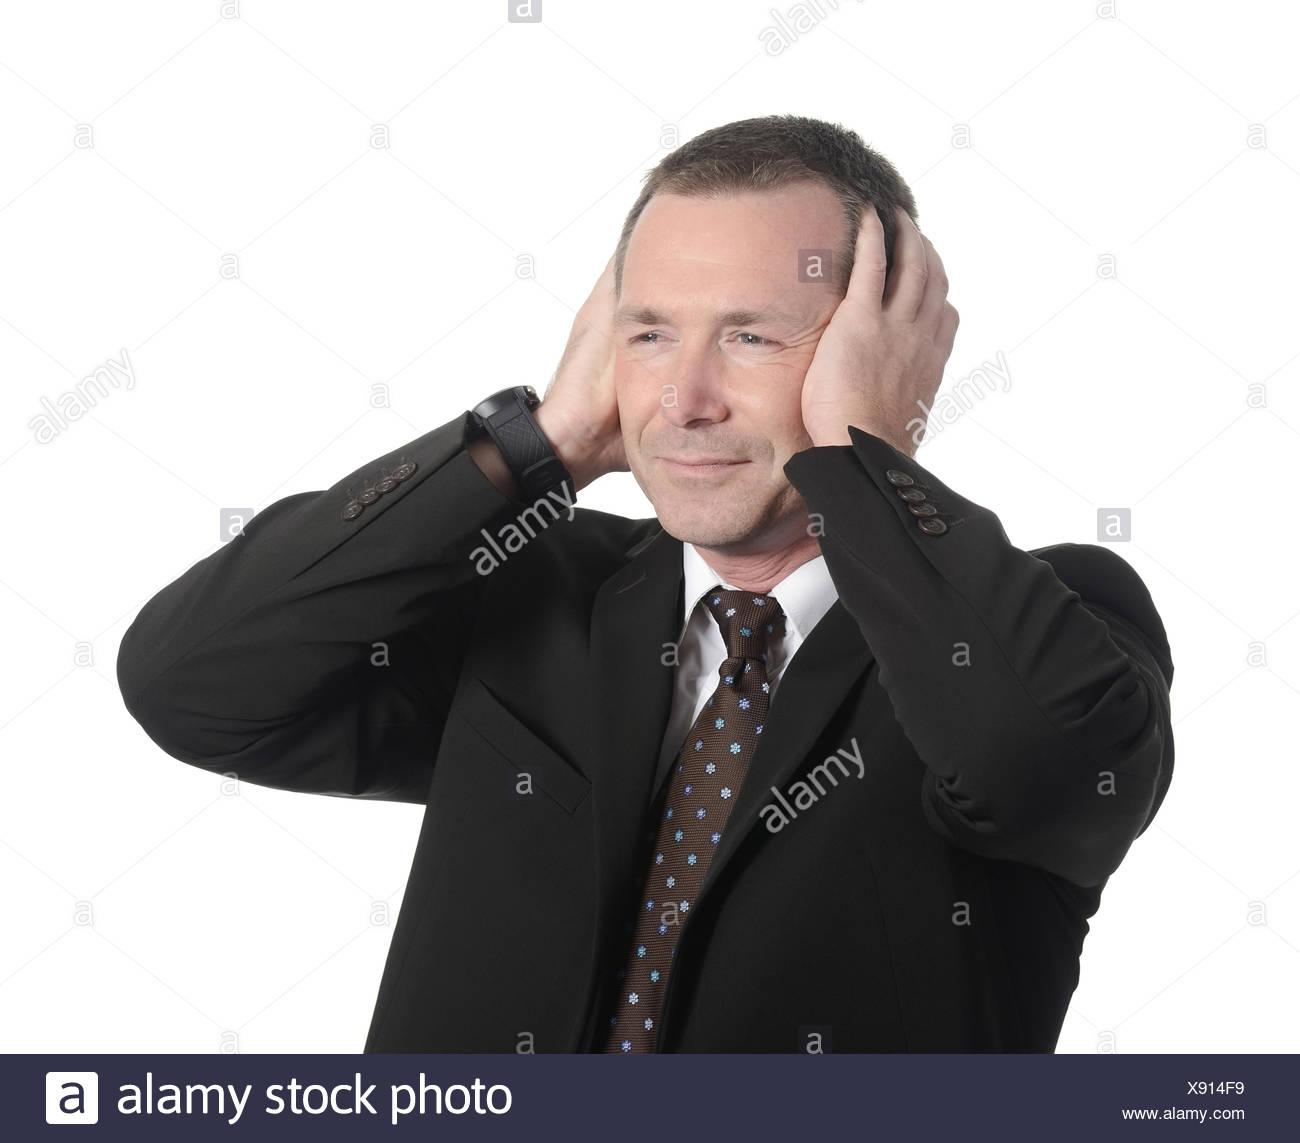 annoyed businessman - Stock Image